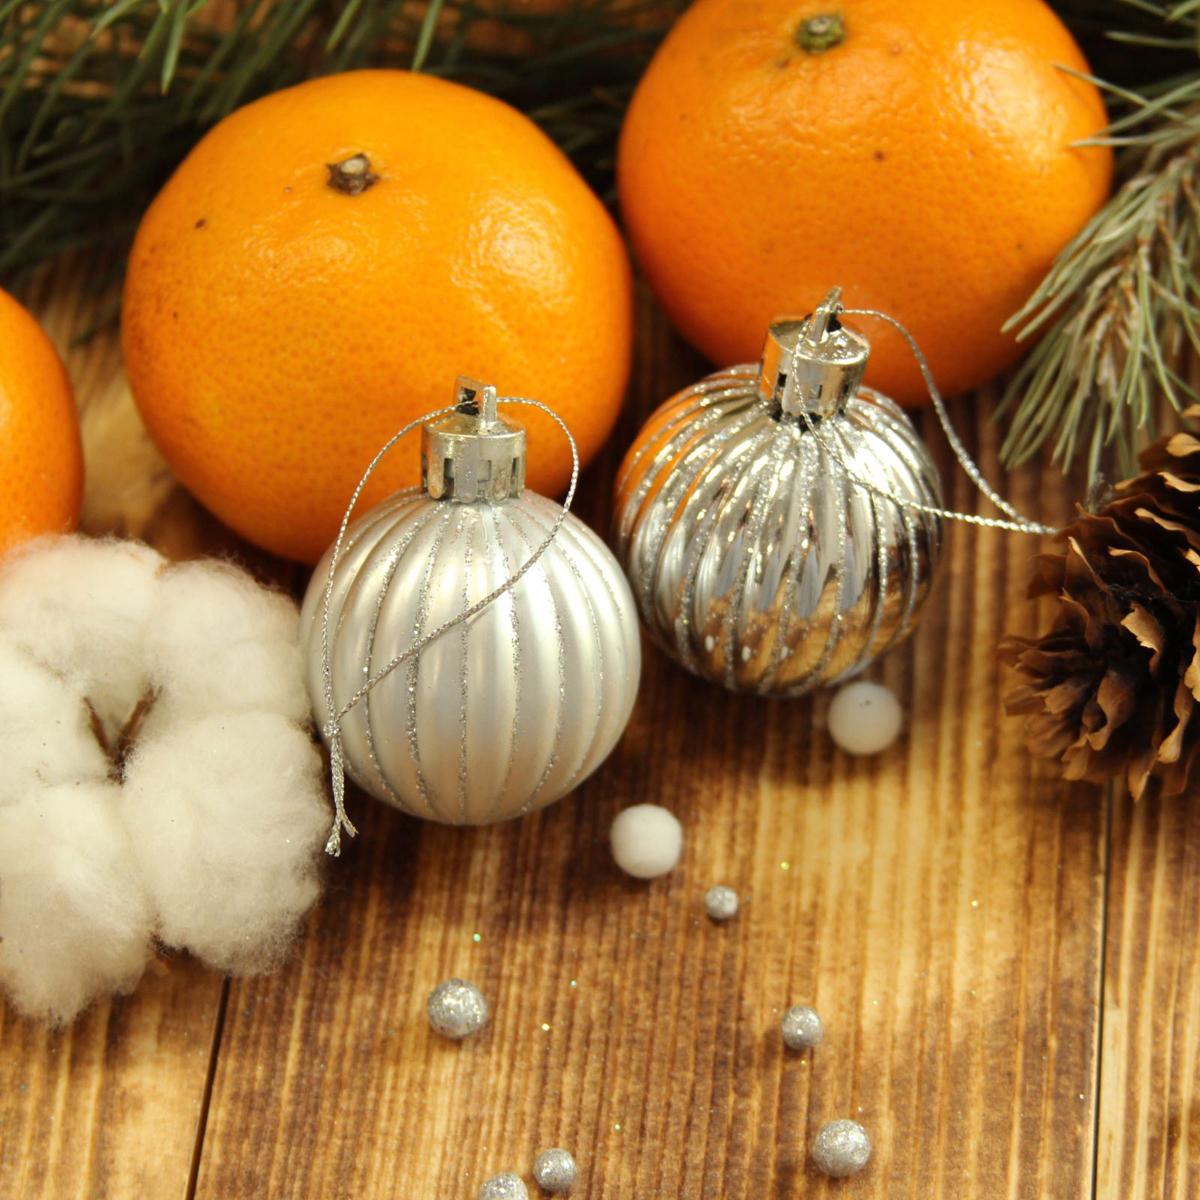 Набор новогодних подвесных украшений Sima-land Мелкие полоски, цвет: серебристый, диаметр 4 см, 9 шт2122987Набор новогодних подвесных украшений Sima-land отлично подойдет для декорации вашего дома и новогодней ели. С помощью специальной петельки украшение можно повесить в любом понравившемся вам месте. Но, конечно, удачнее всего оно будет смотреться на праздничной елке. Елочная игрушка - символ Нового года. Она несет в себе волшебство и красоту праздника. Создайте в своем доме атмосферу веселья и радости, украшая новогоднюю елку нарядными игрушками, которые будут из года в год накапливать теплоту воспоминаний.